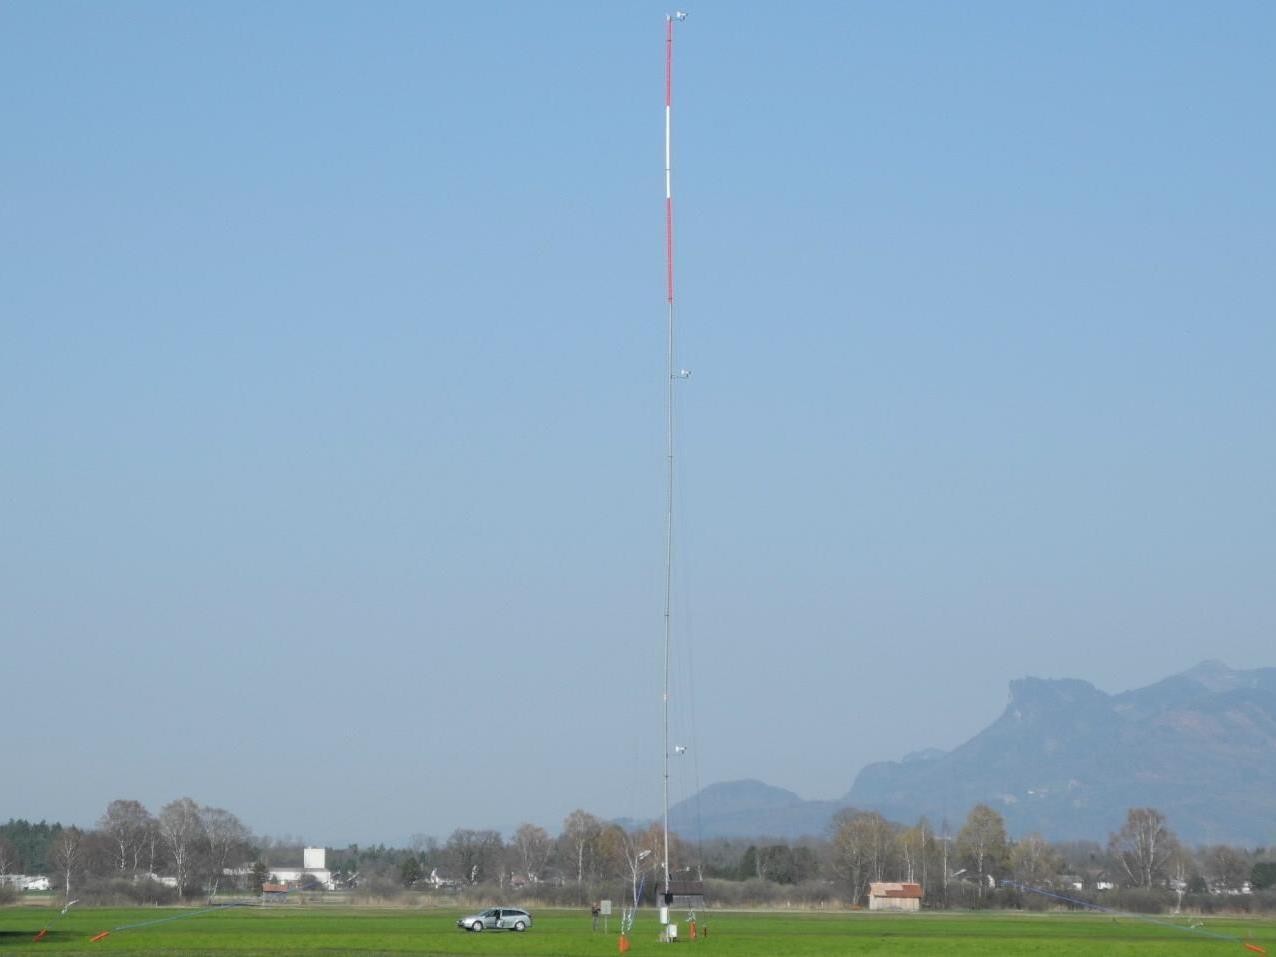 Diese 50 Meter hohe Mast mit dem notwendigen technischen Gerät misst die Windgeschwindigkeiten im Ruggeller Riet